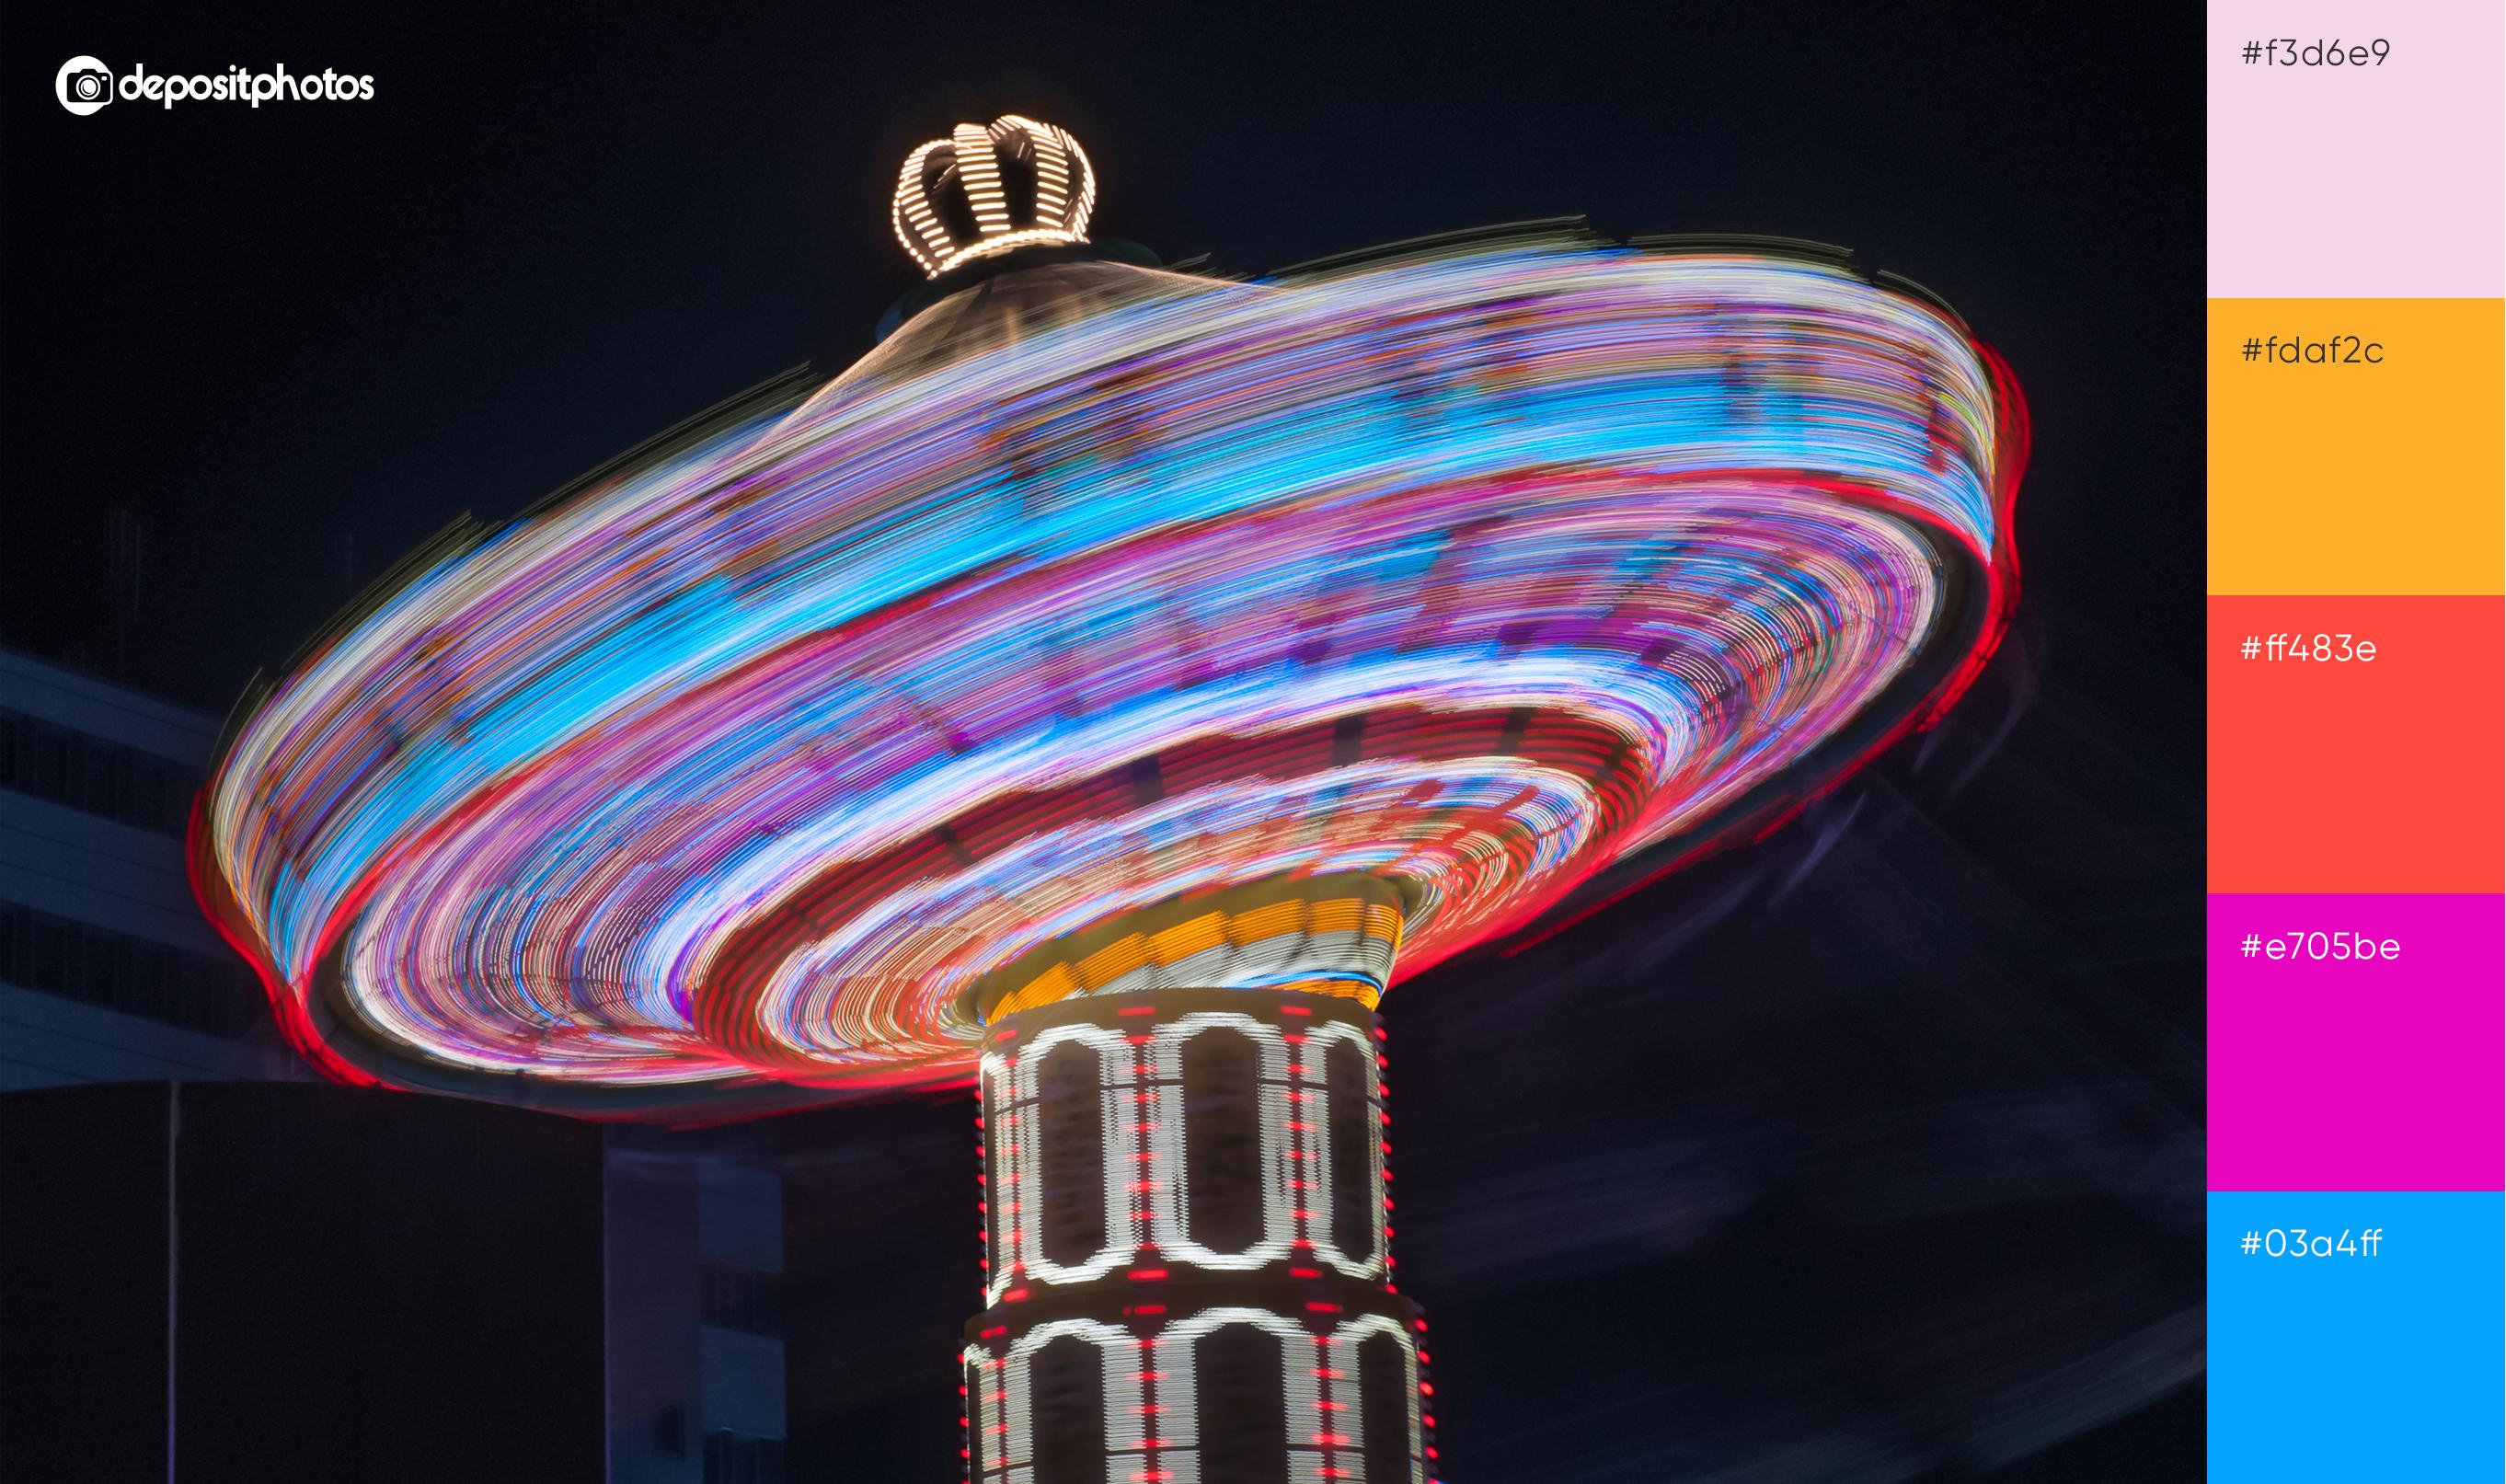 carousel at night